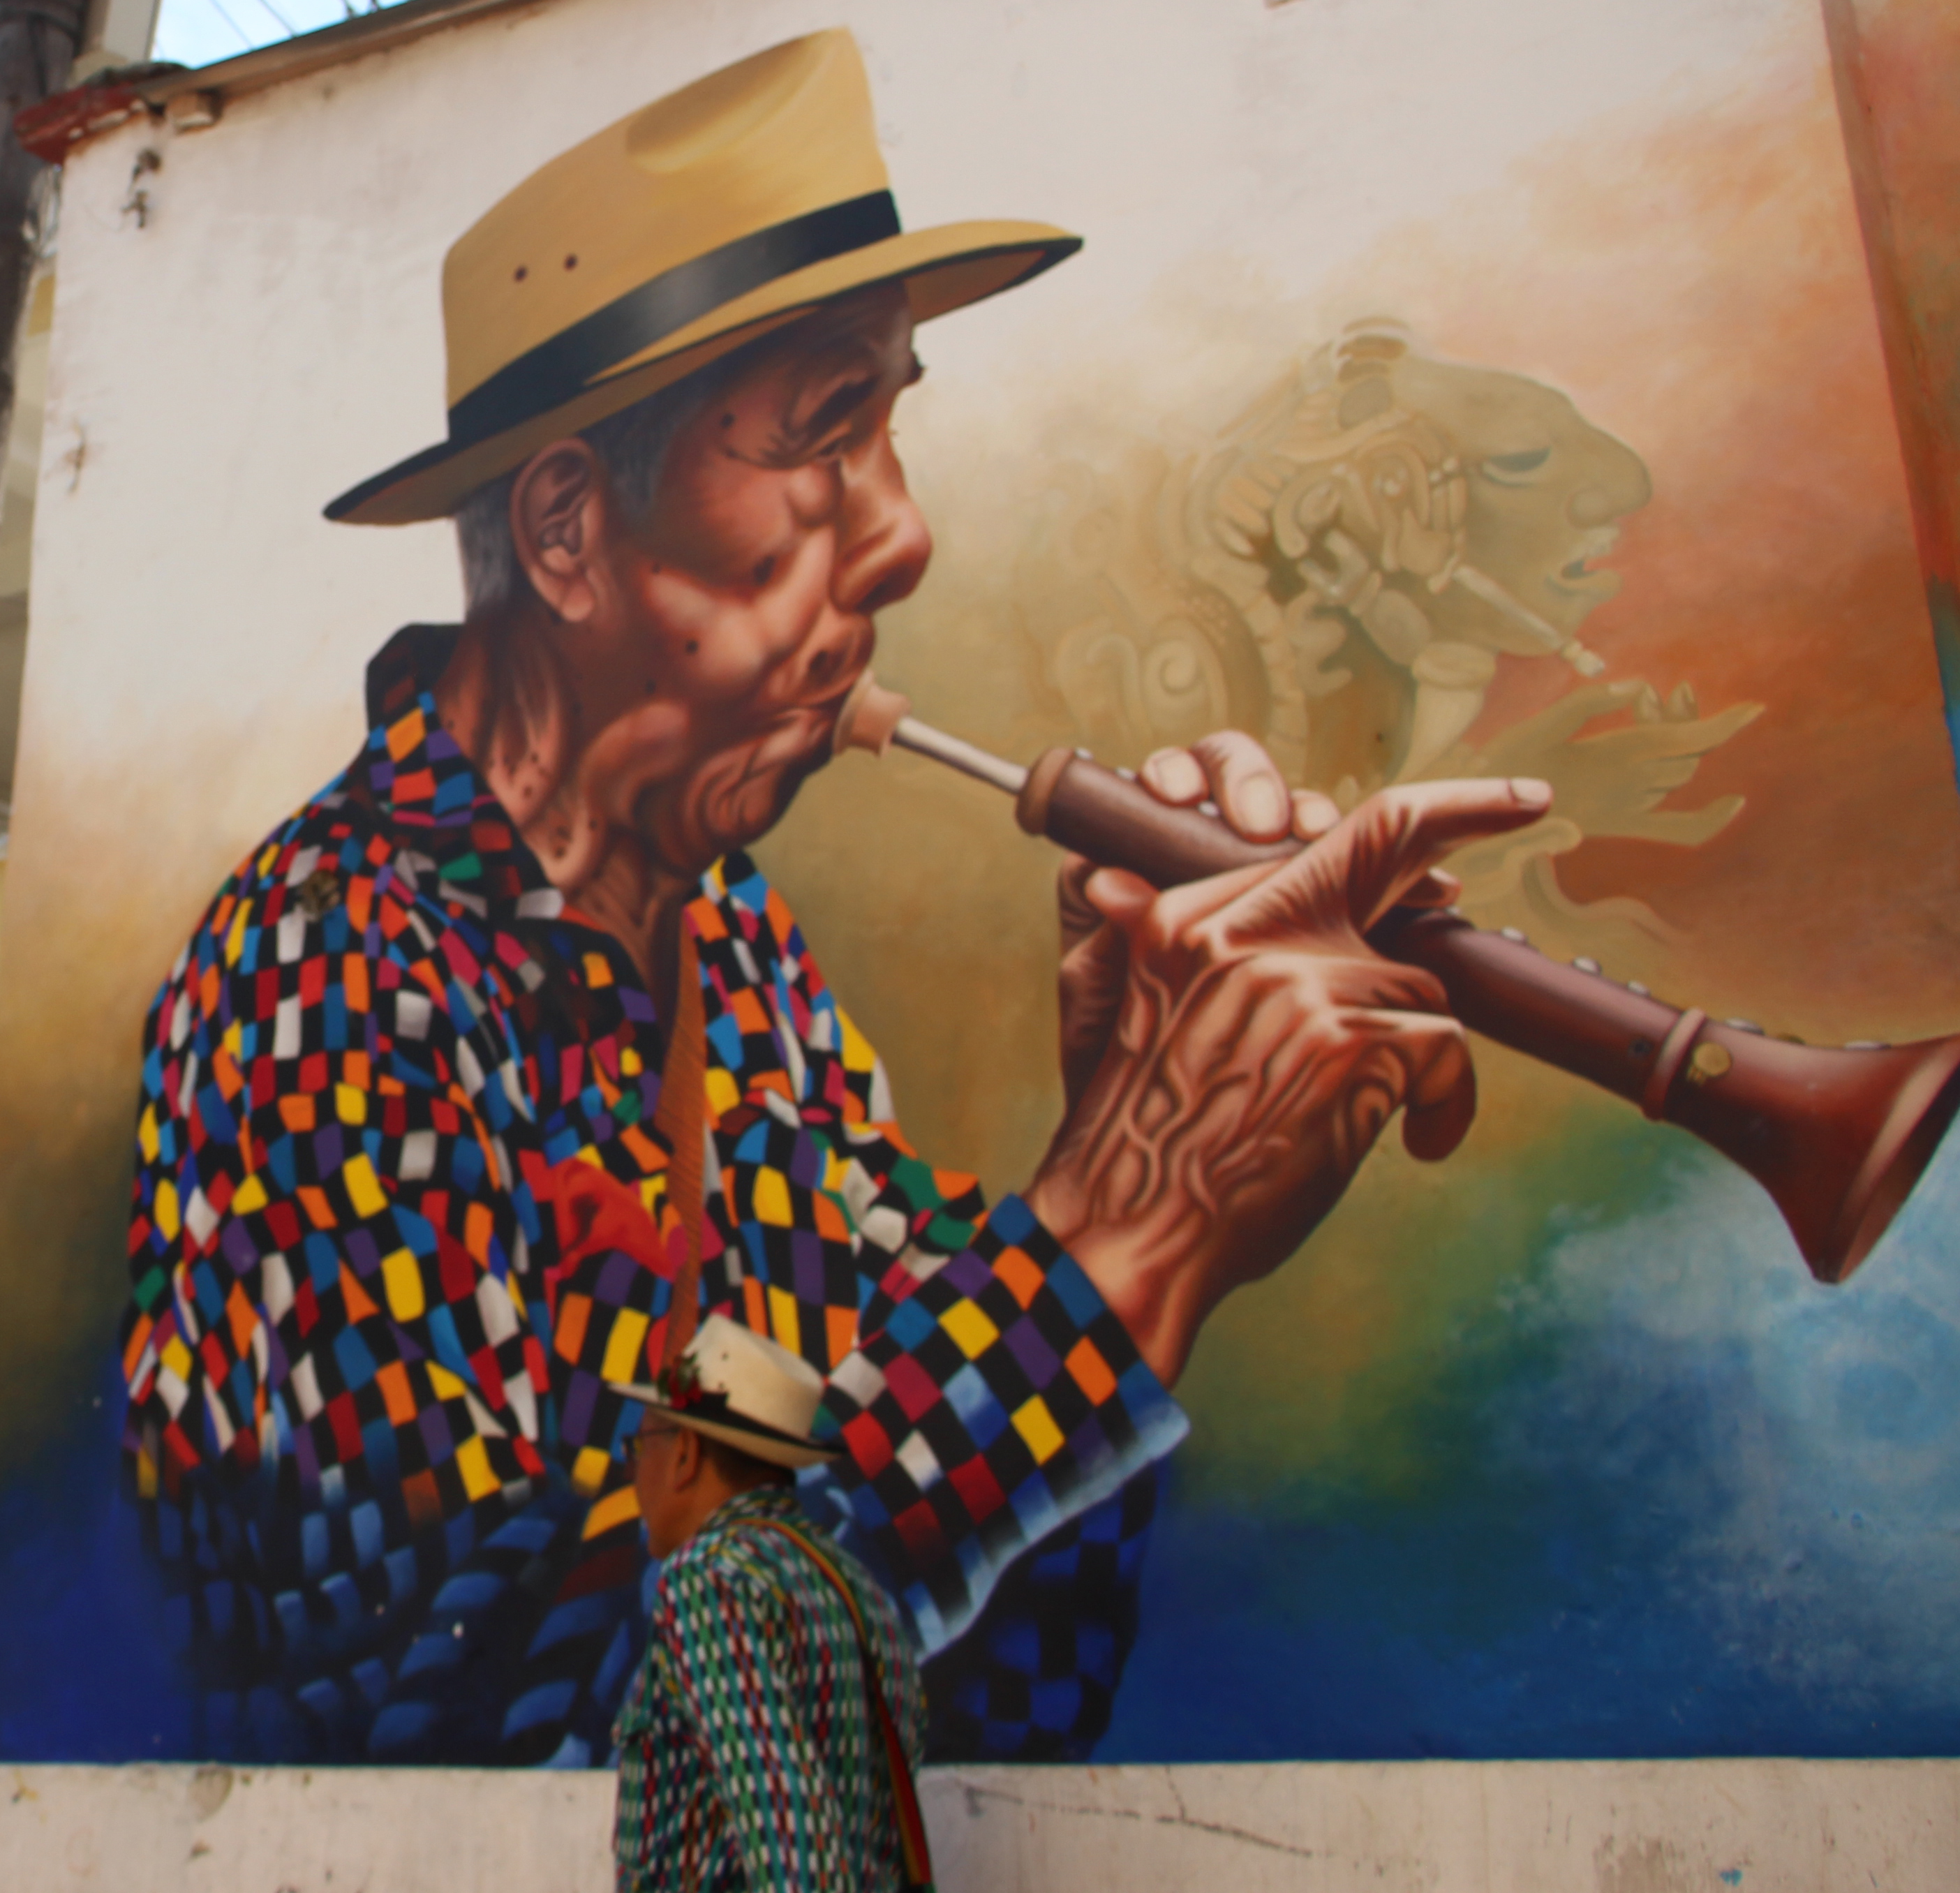 Los murales destacan la cultura tzutujil en las calles de San Juan la Laguna.